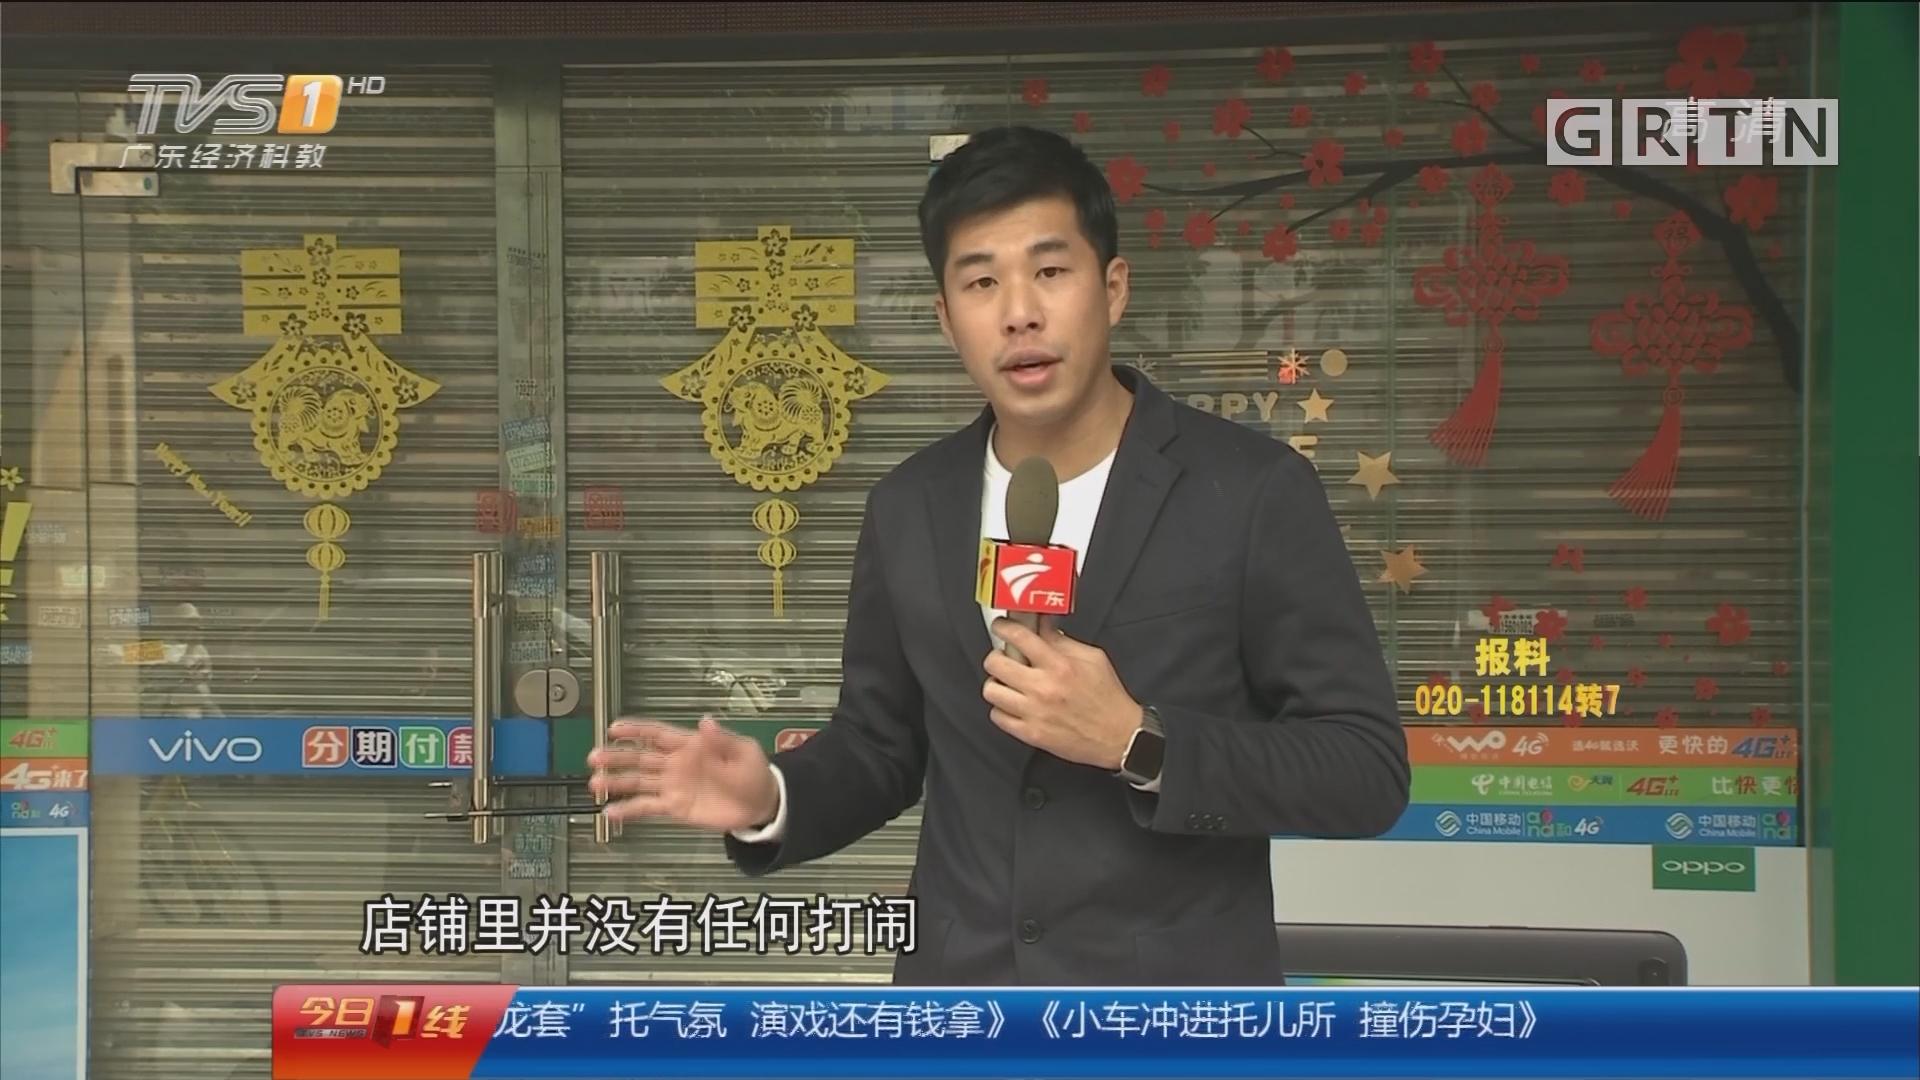 佛山禅城:买手机酿血案 夫妇丧命警方擒凶